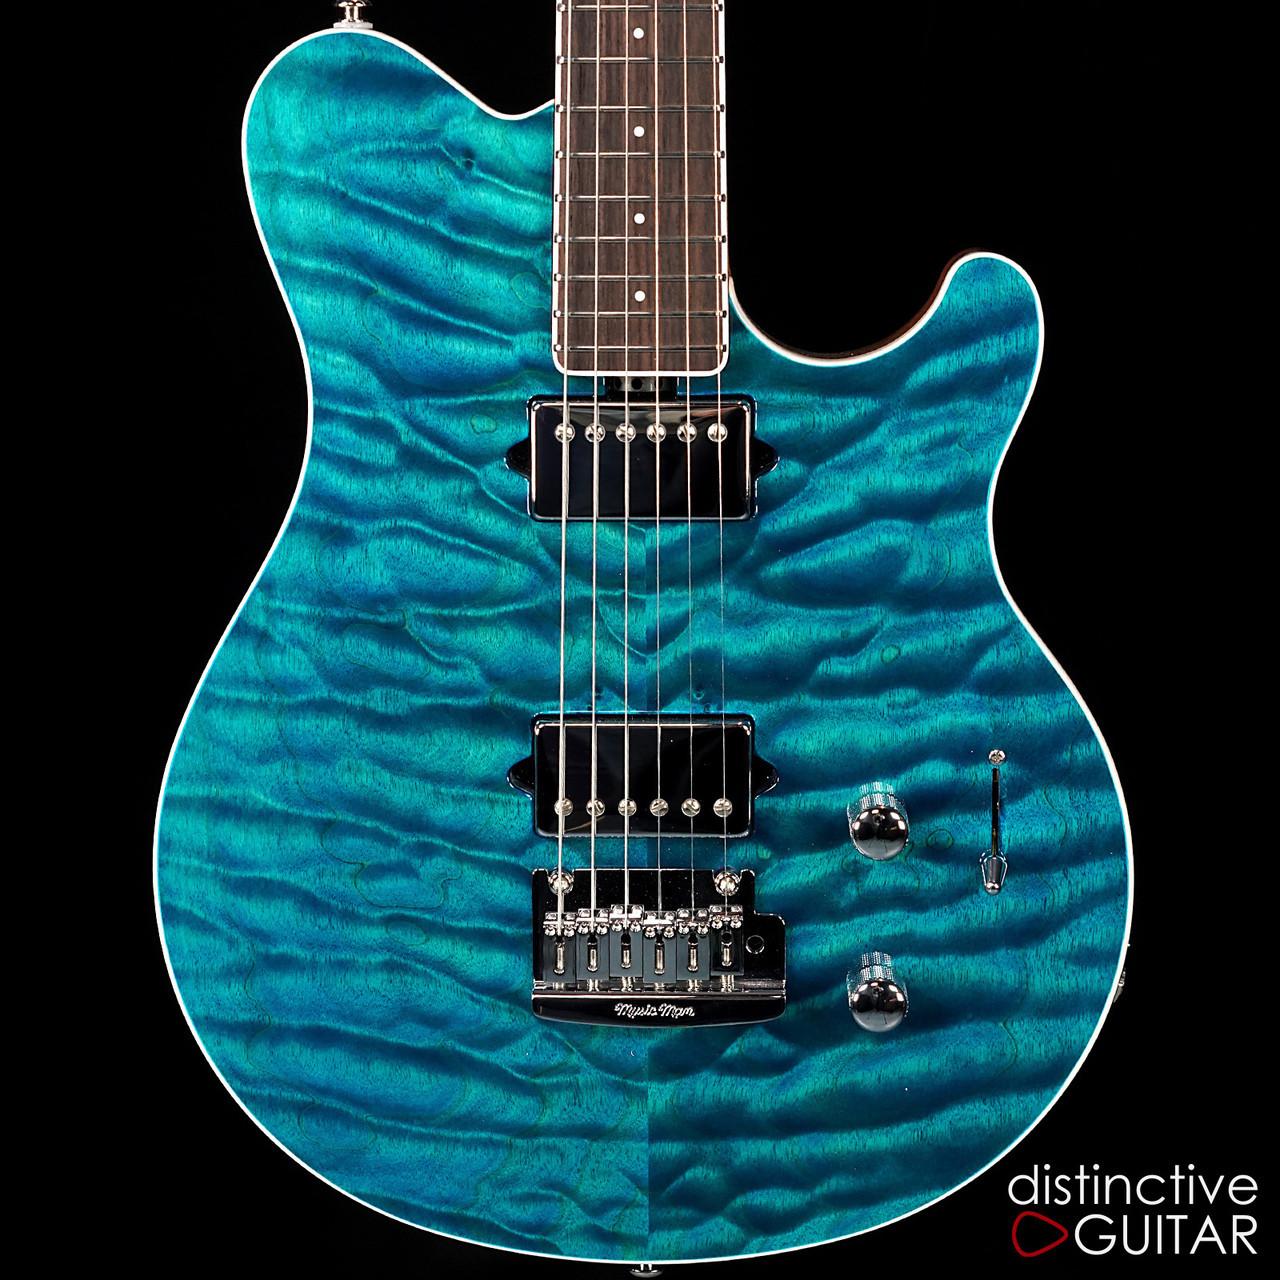 Ernie Ball Music Man Axis Super Sport Bfr 15 Aqua Blue Quilt Maple